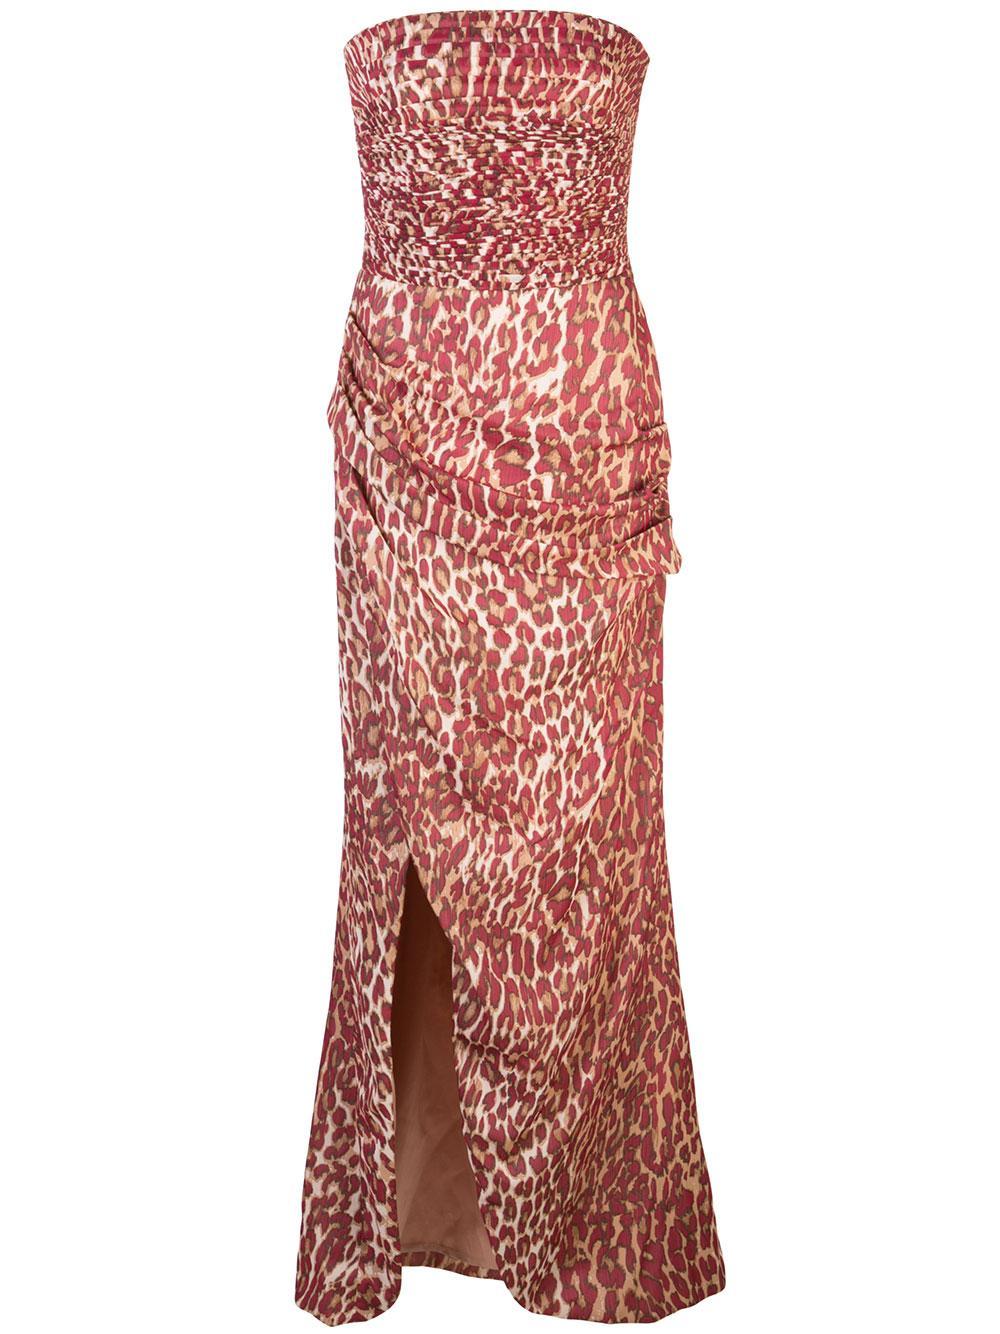 Draped Leopard Chiffon Corset Gown Item # 0017W9-3